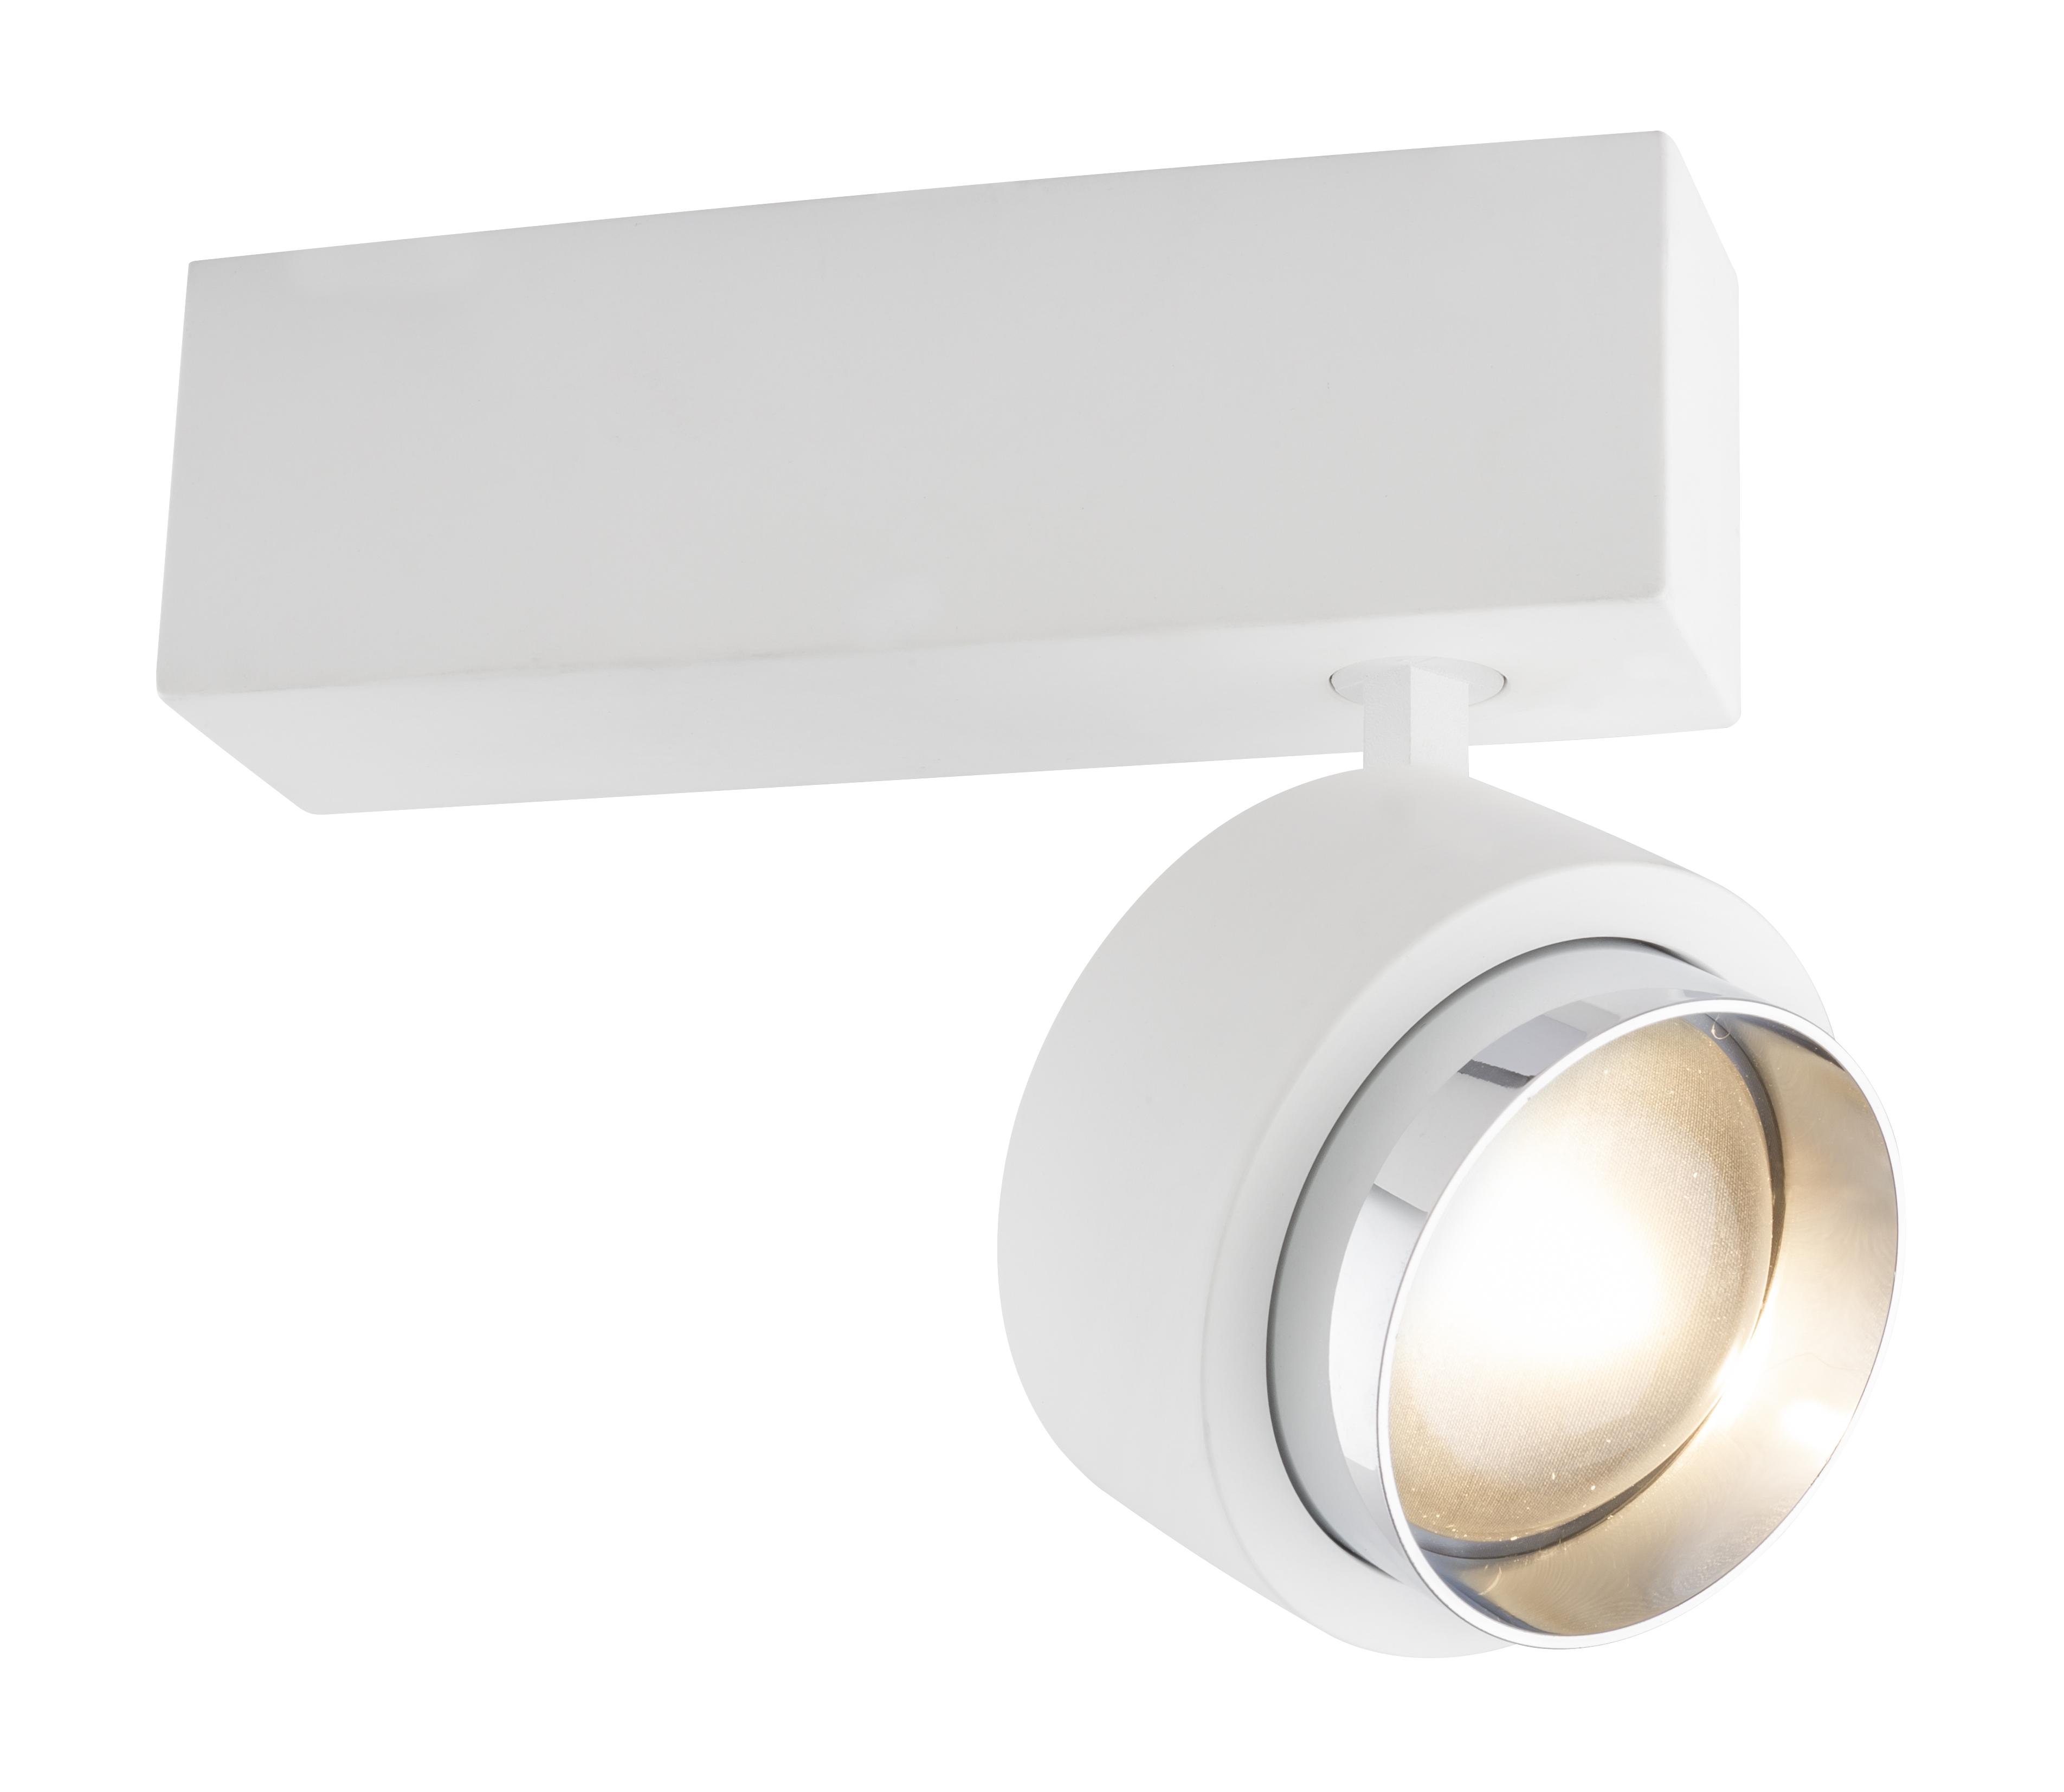 DECKENLEUCHTE GIPS WEIß, 1XLED   Flur/Diele   Räume   Produkte   Globo Lighting   Leuchten ...